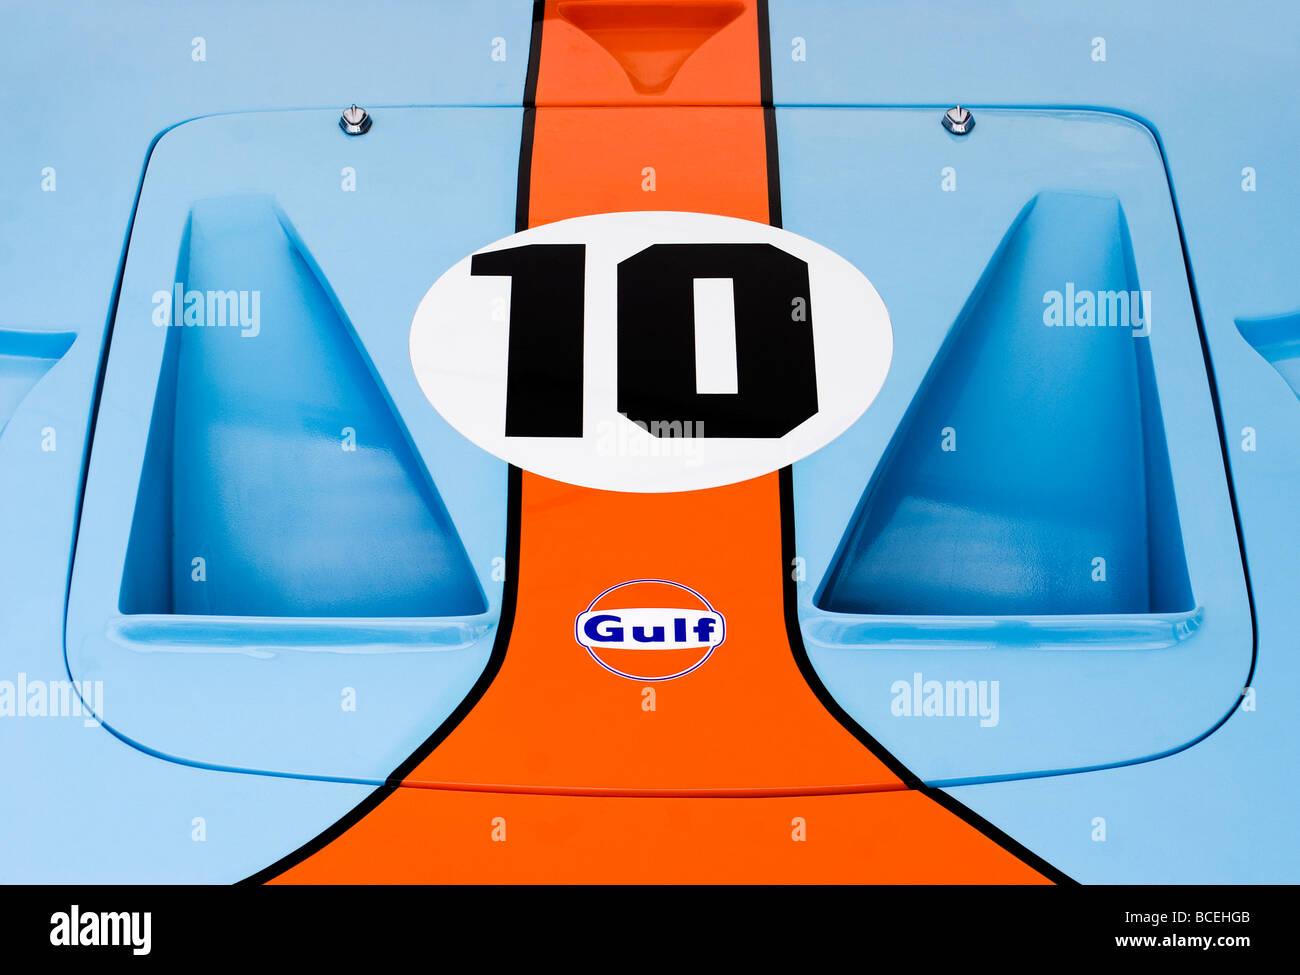 Golf-Logo und klassischen Gulf-Farben auf einem Ford GT 40 Stockbild